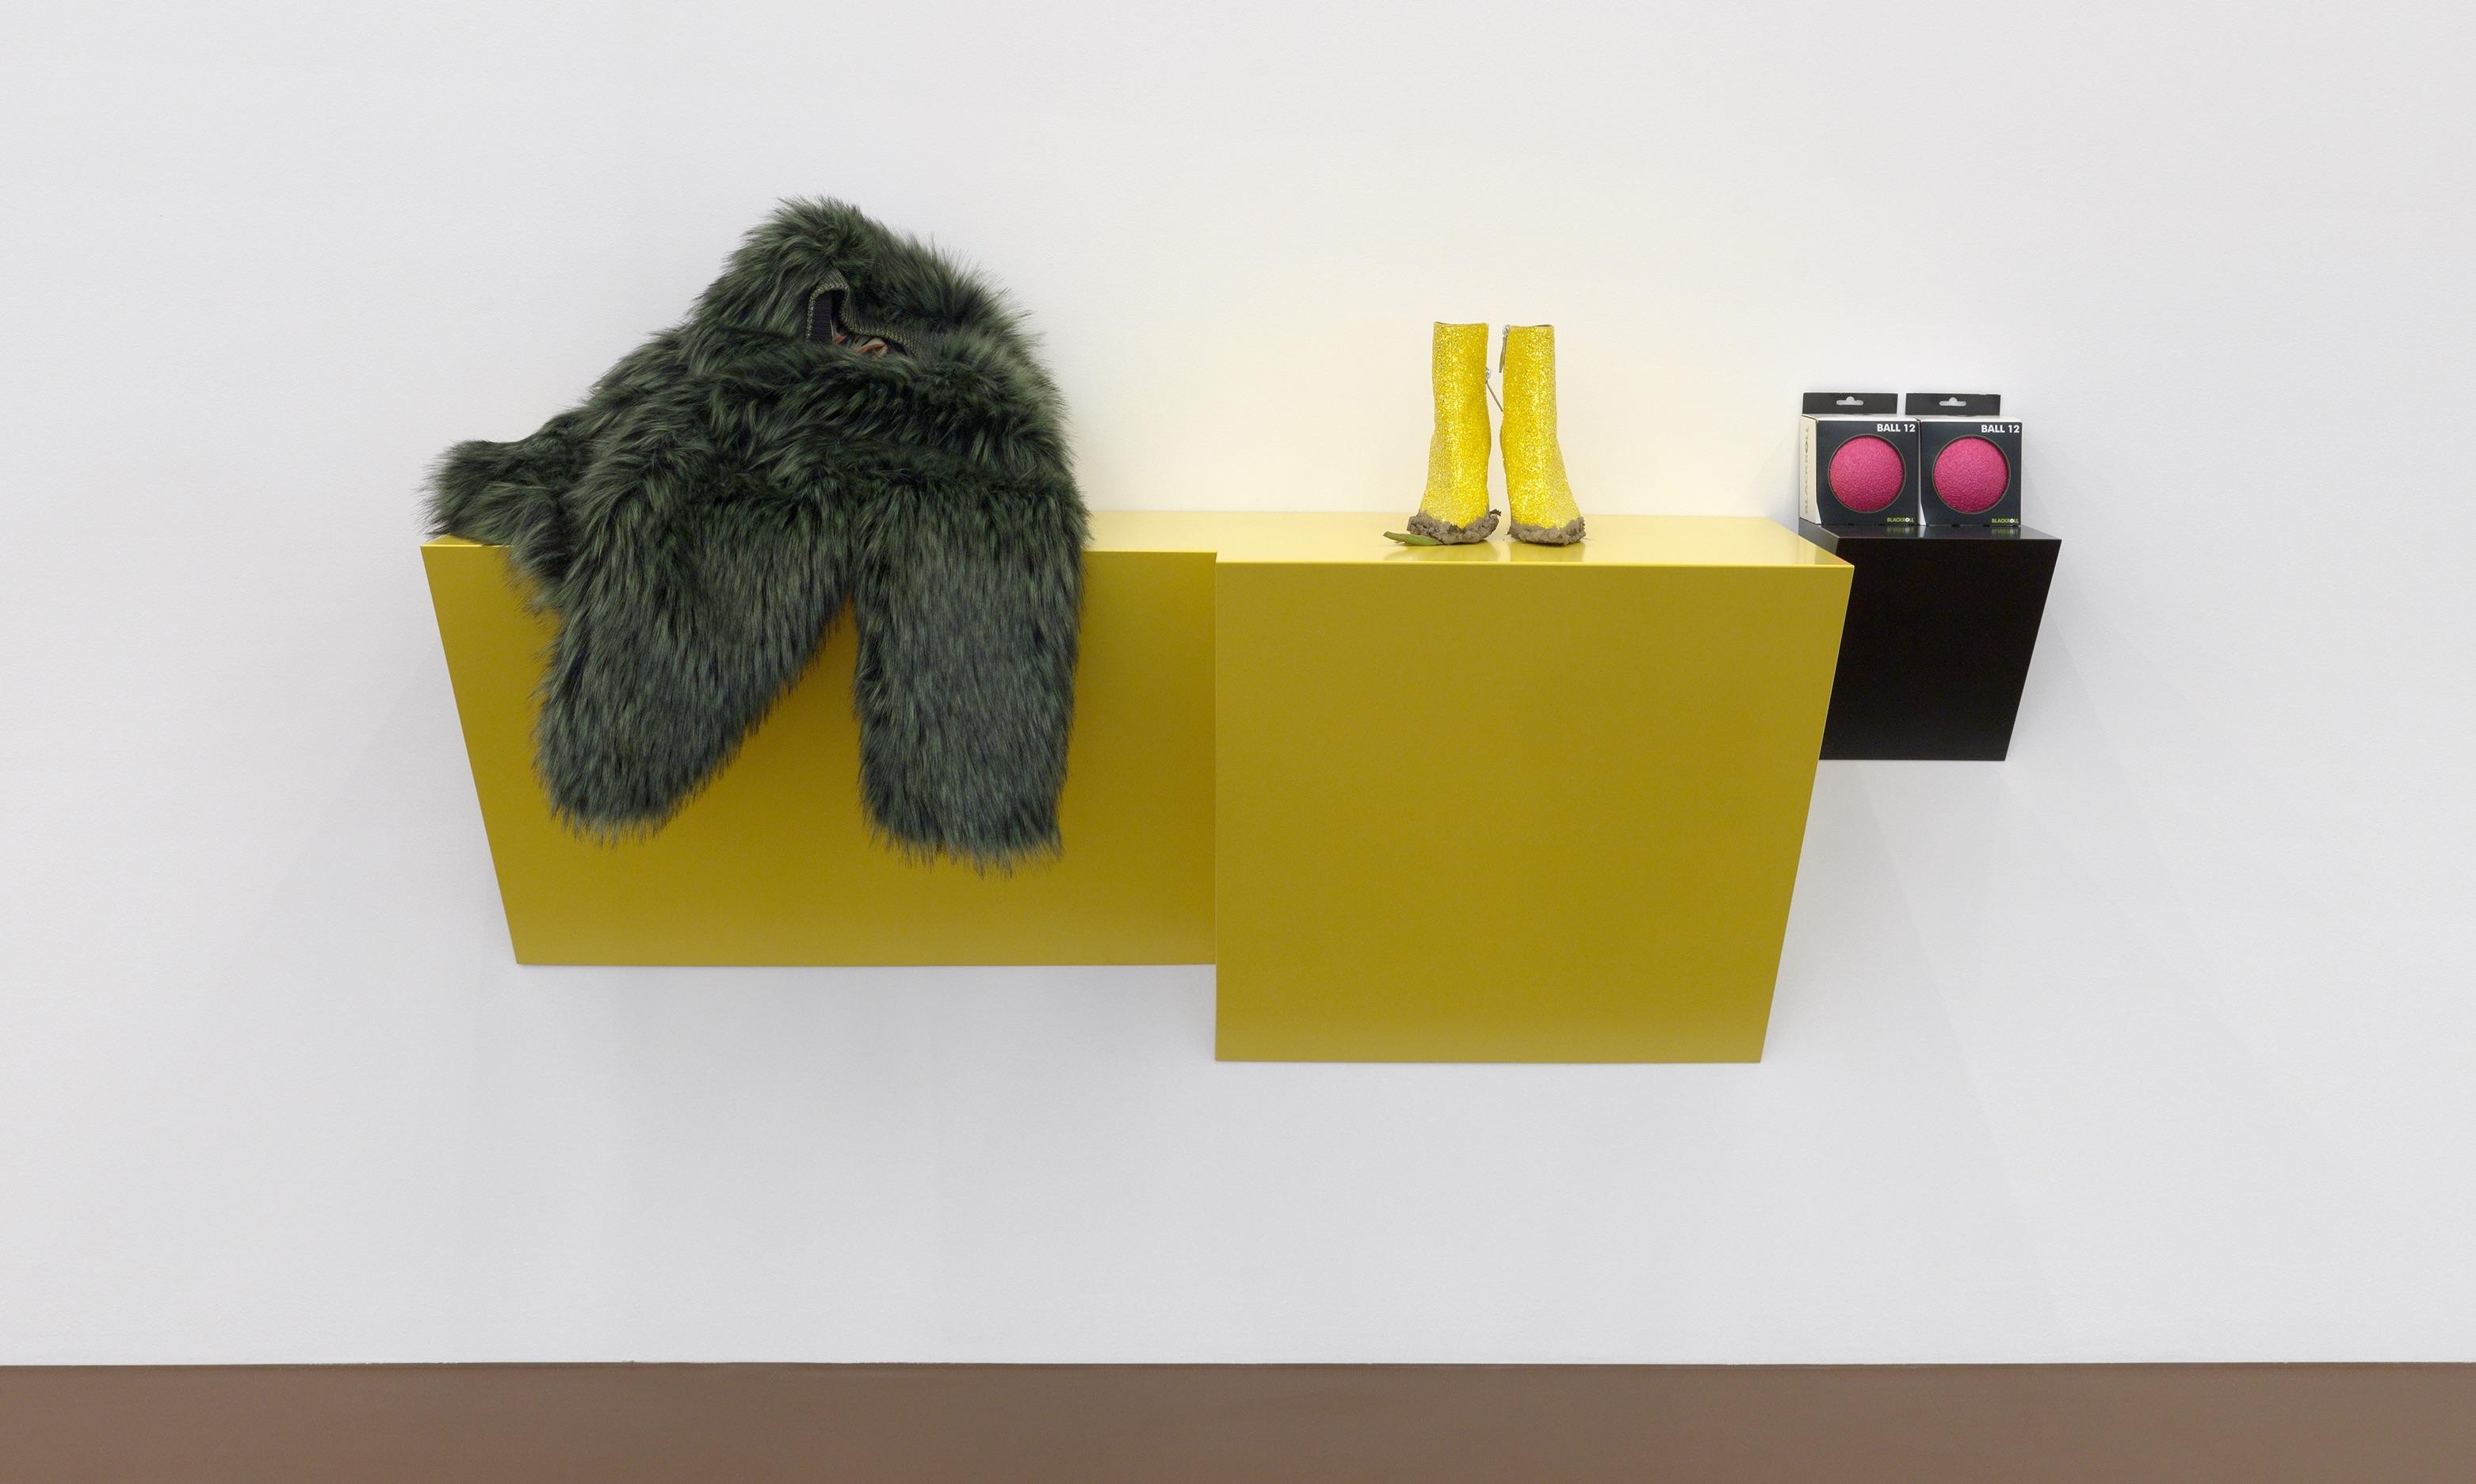 Gelbes Sideboard, darauf eine Felljacke, gelbe Glitzerstiefeletten und zwei Bälle.